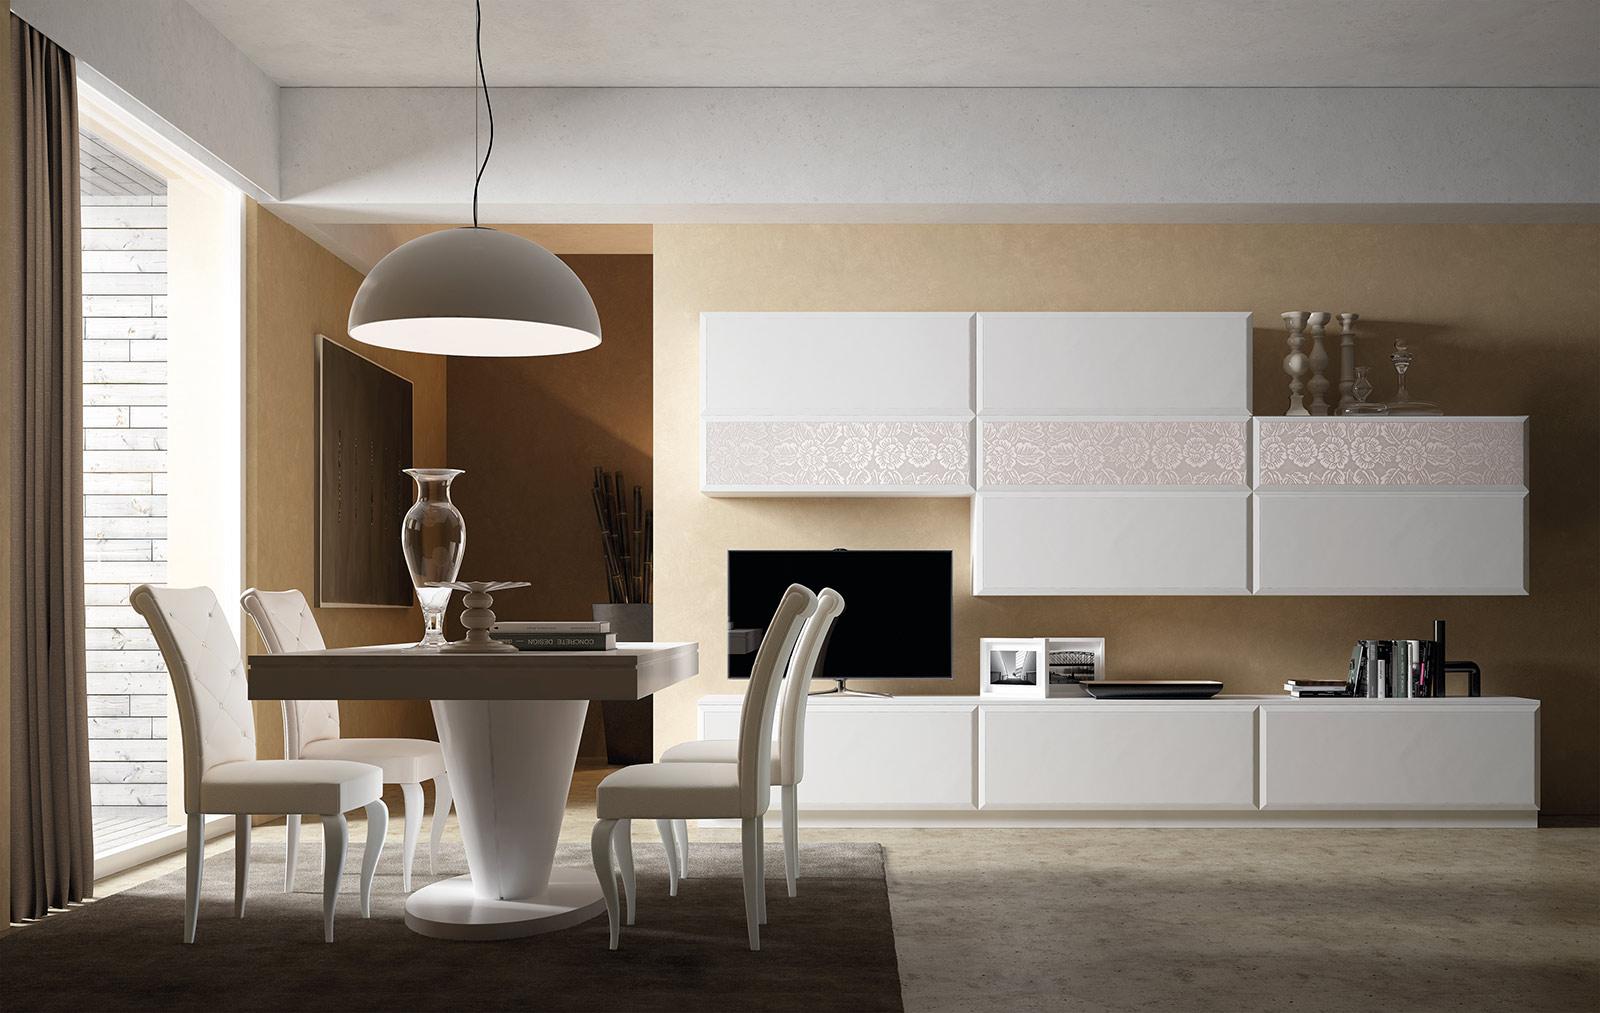 Soluzioni ed accessori per la protezione dei mobili di casa milleguide - Accessori per la casa ...